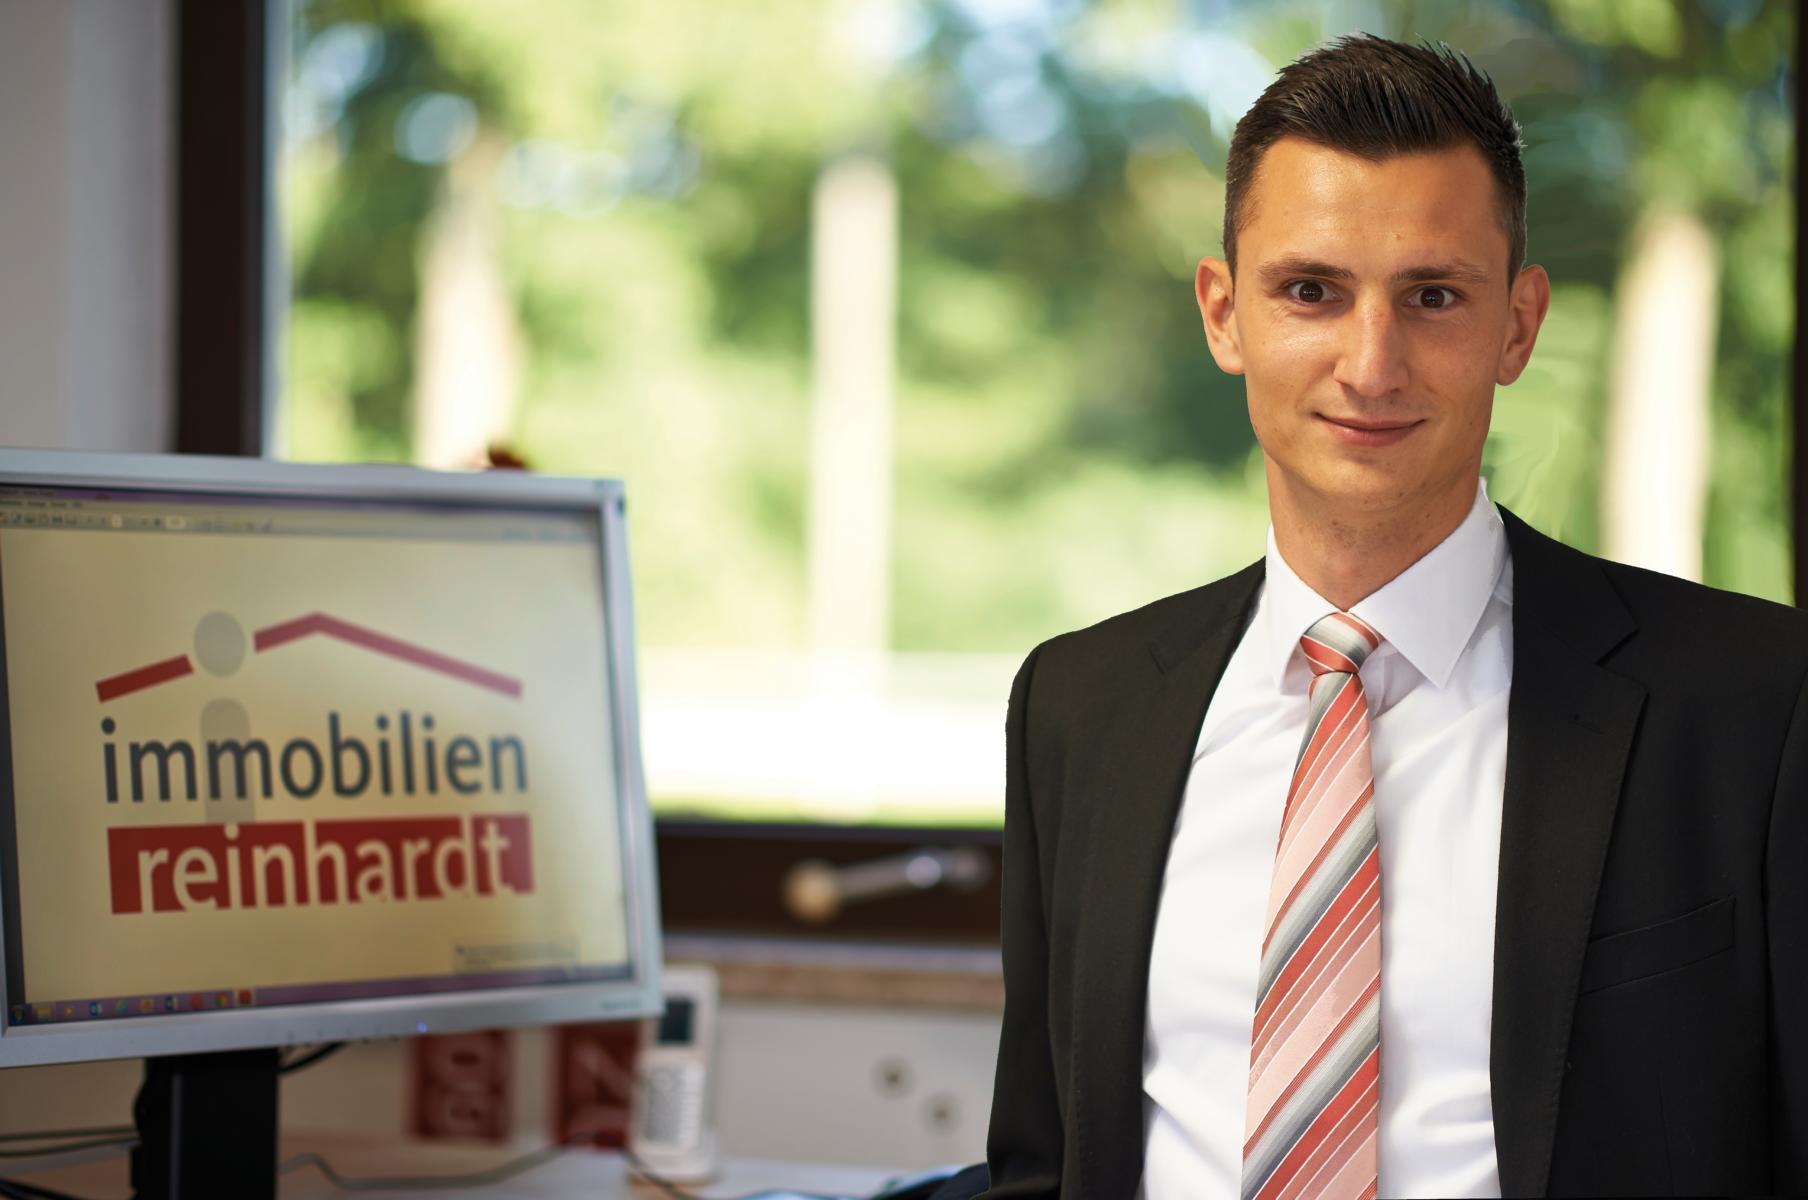 Immobilien Reinhardt Gmbh In Coburg Branchenbuch Deutschland